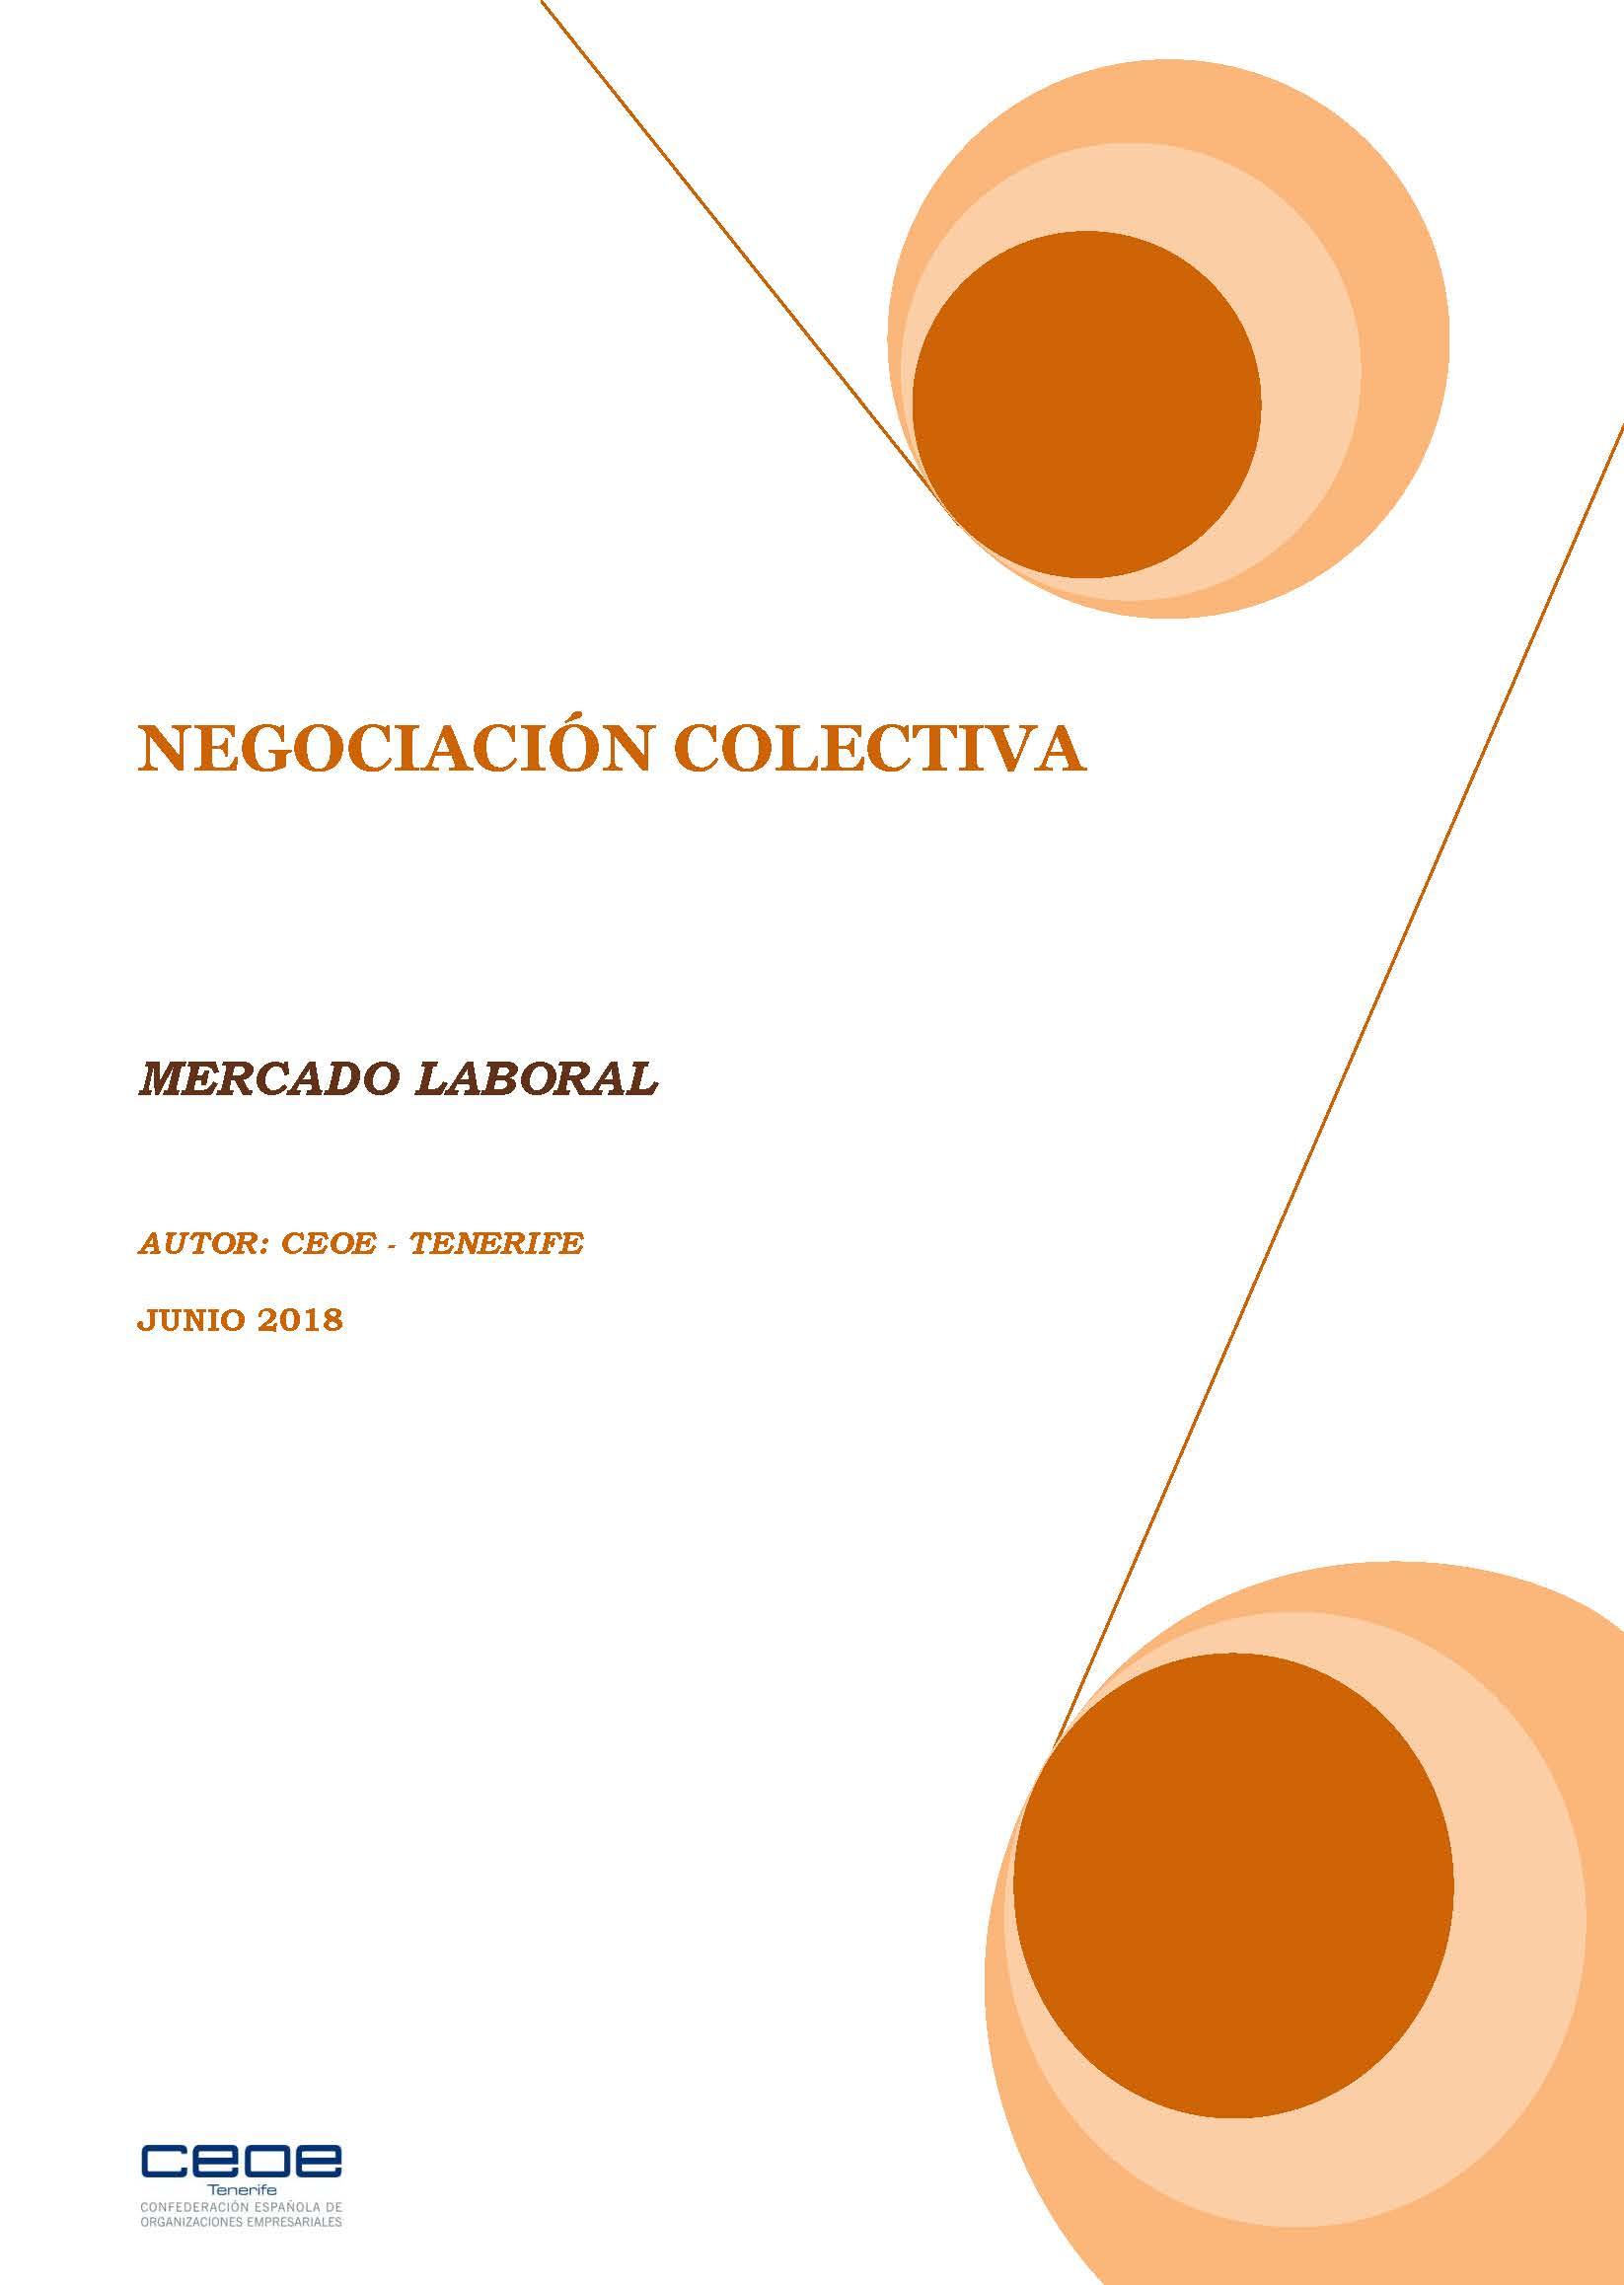 MERCADO LABORAL - NEGOCIACION COLECTIVA JUNIO 2018